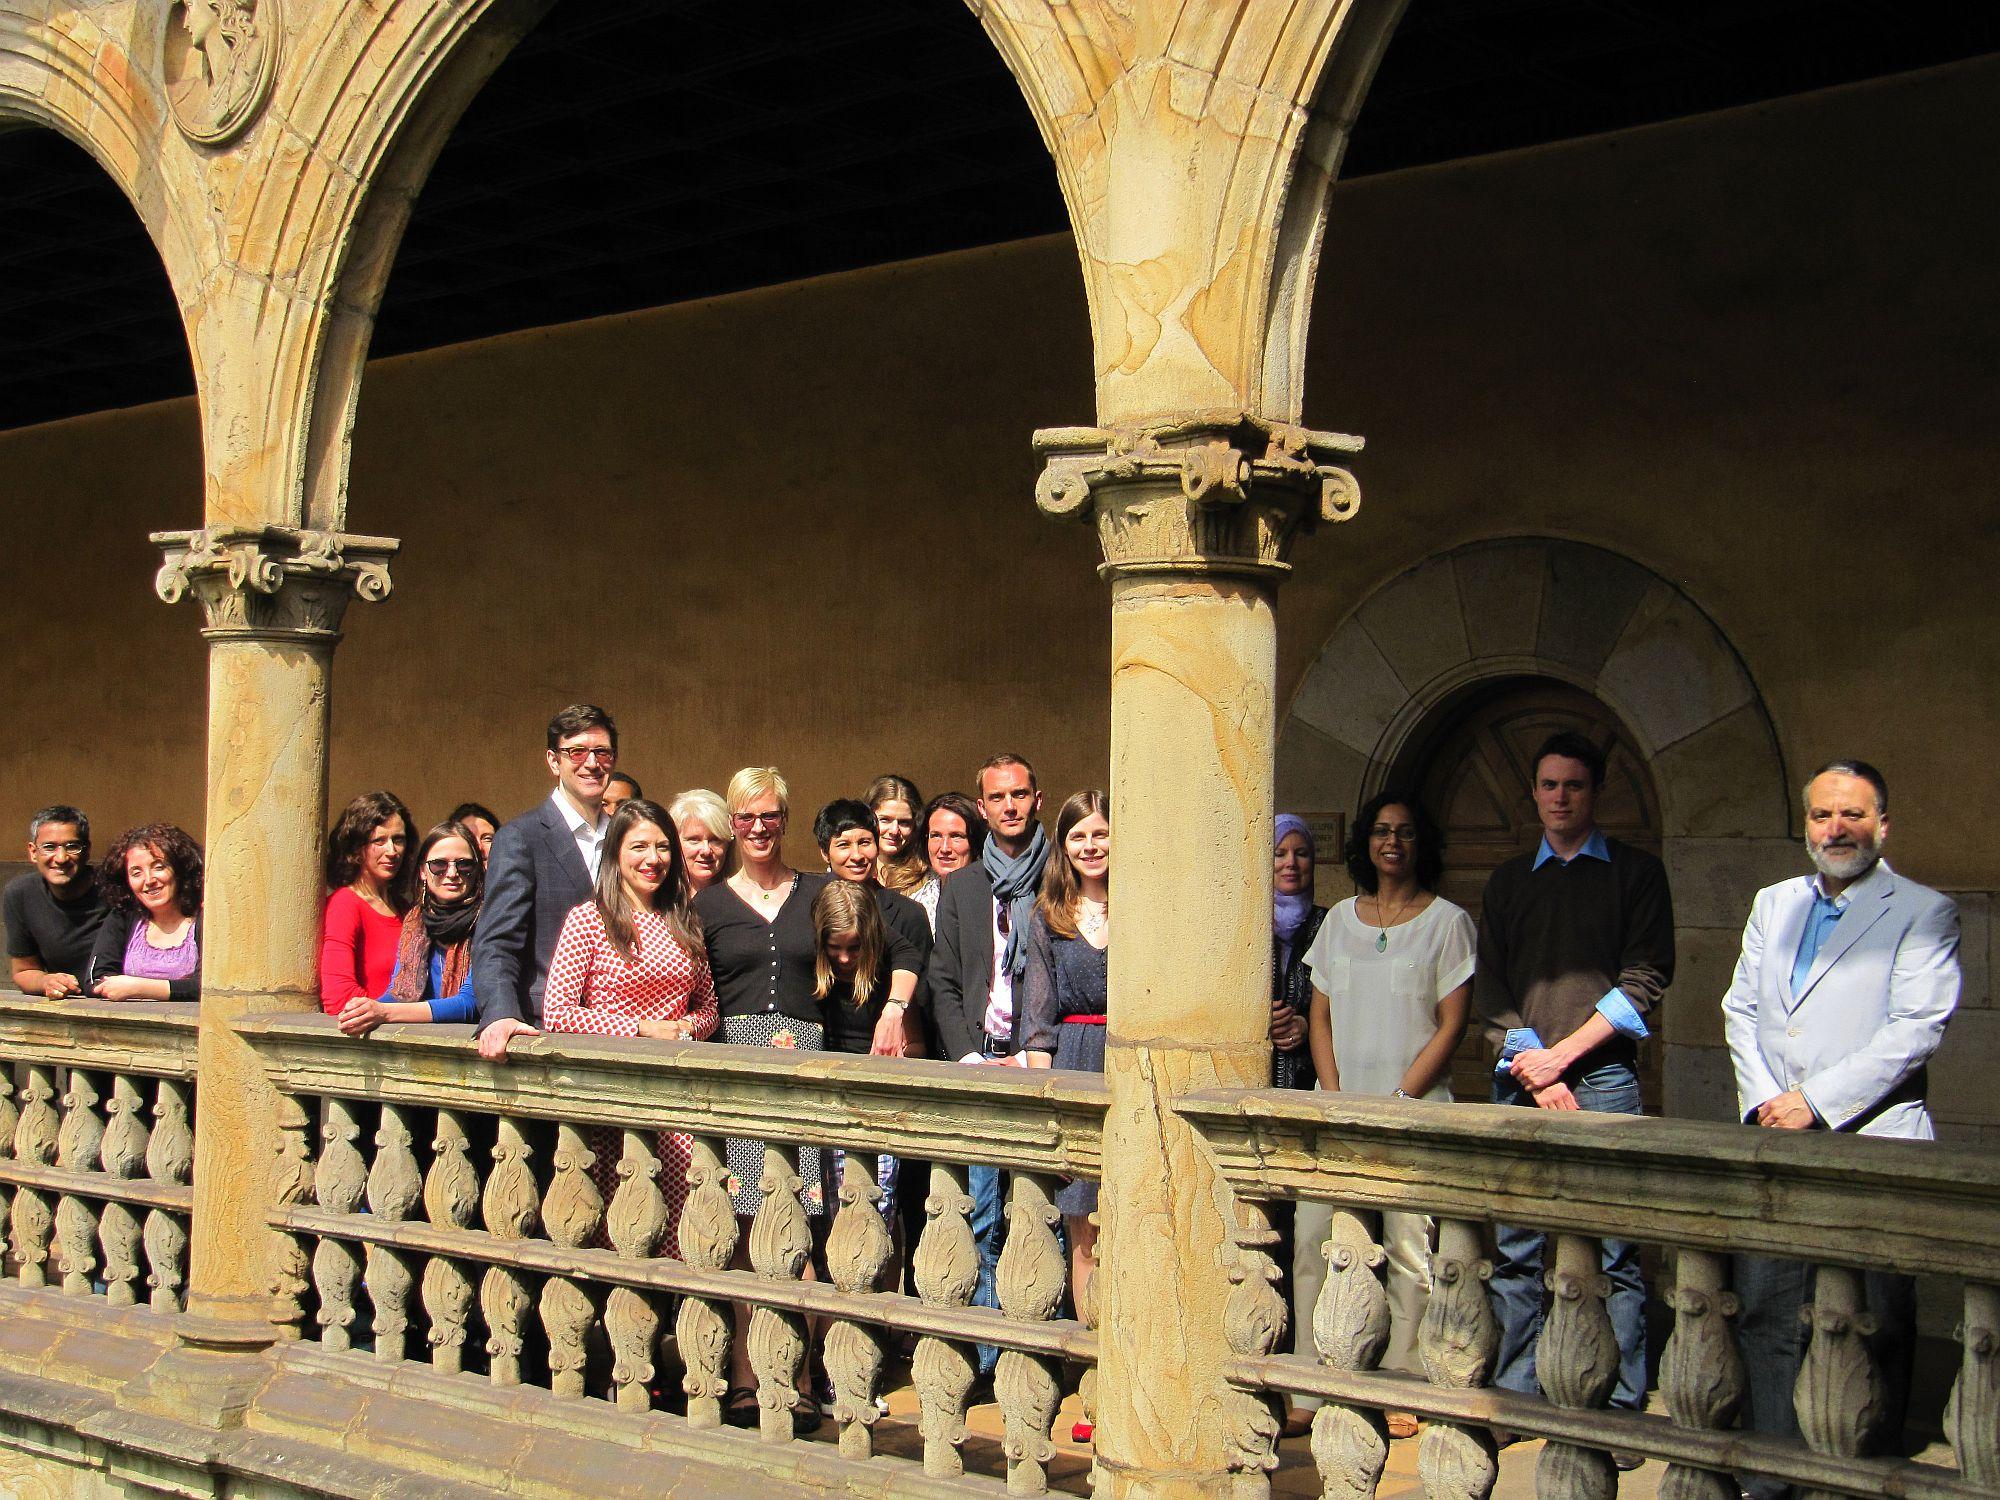 Pascale Fournier et l'équipe d'Onati en 2012. Photo prise à l'Institut sur la sociologie du droit à Onati (Espagne).